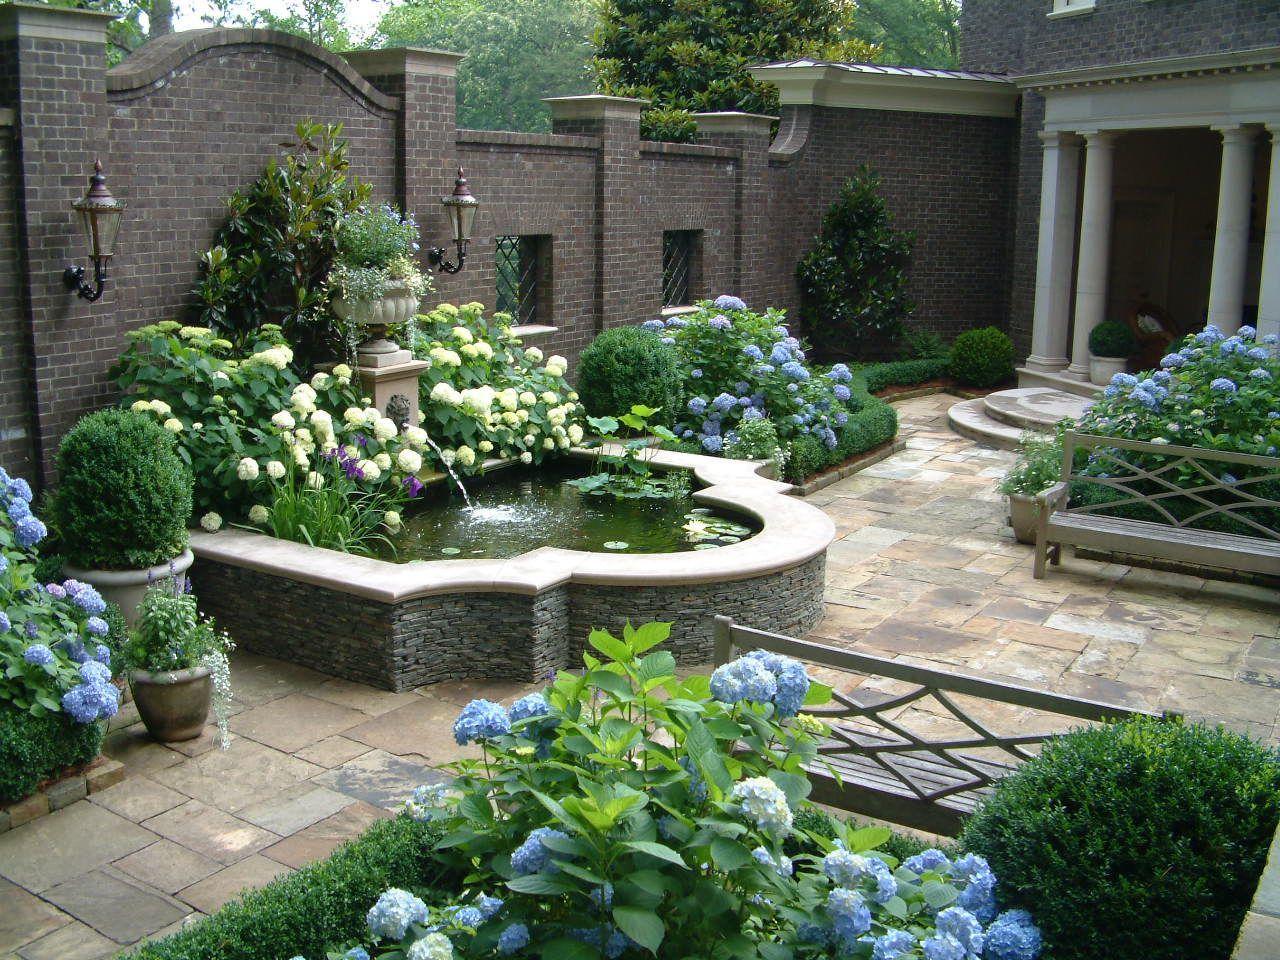 фото палисадников с фонтанами ландшафтным дизайном того чтобы поставить